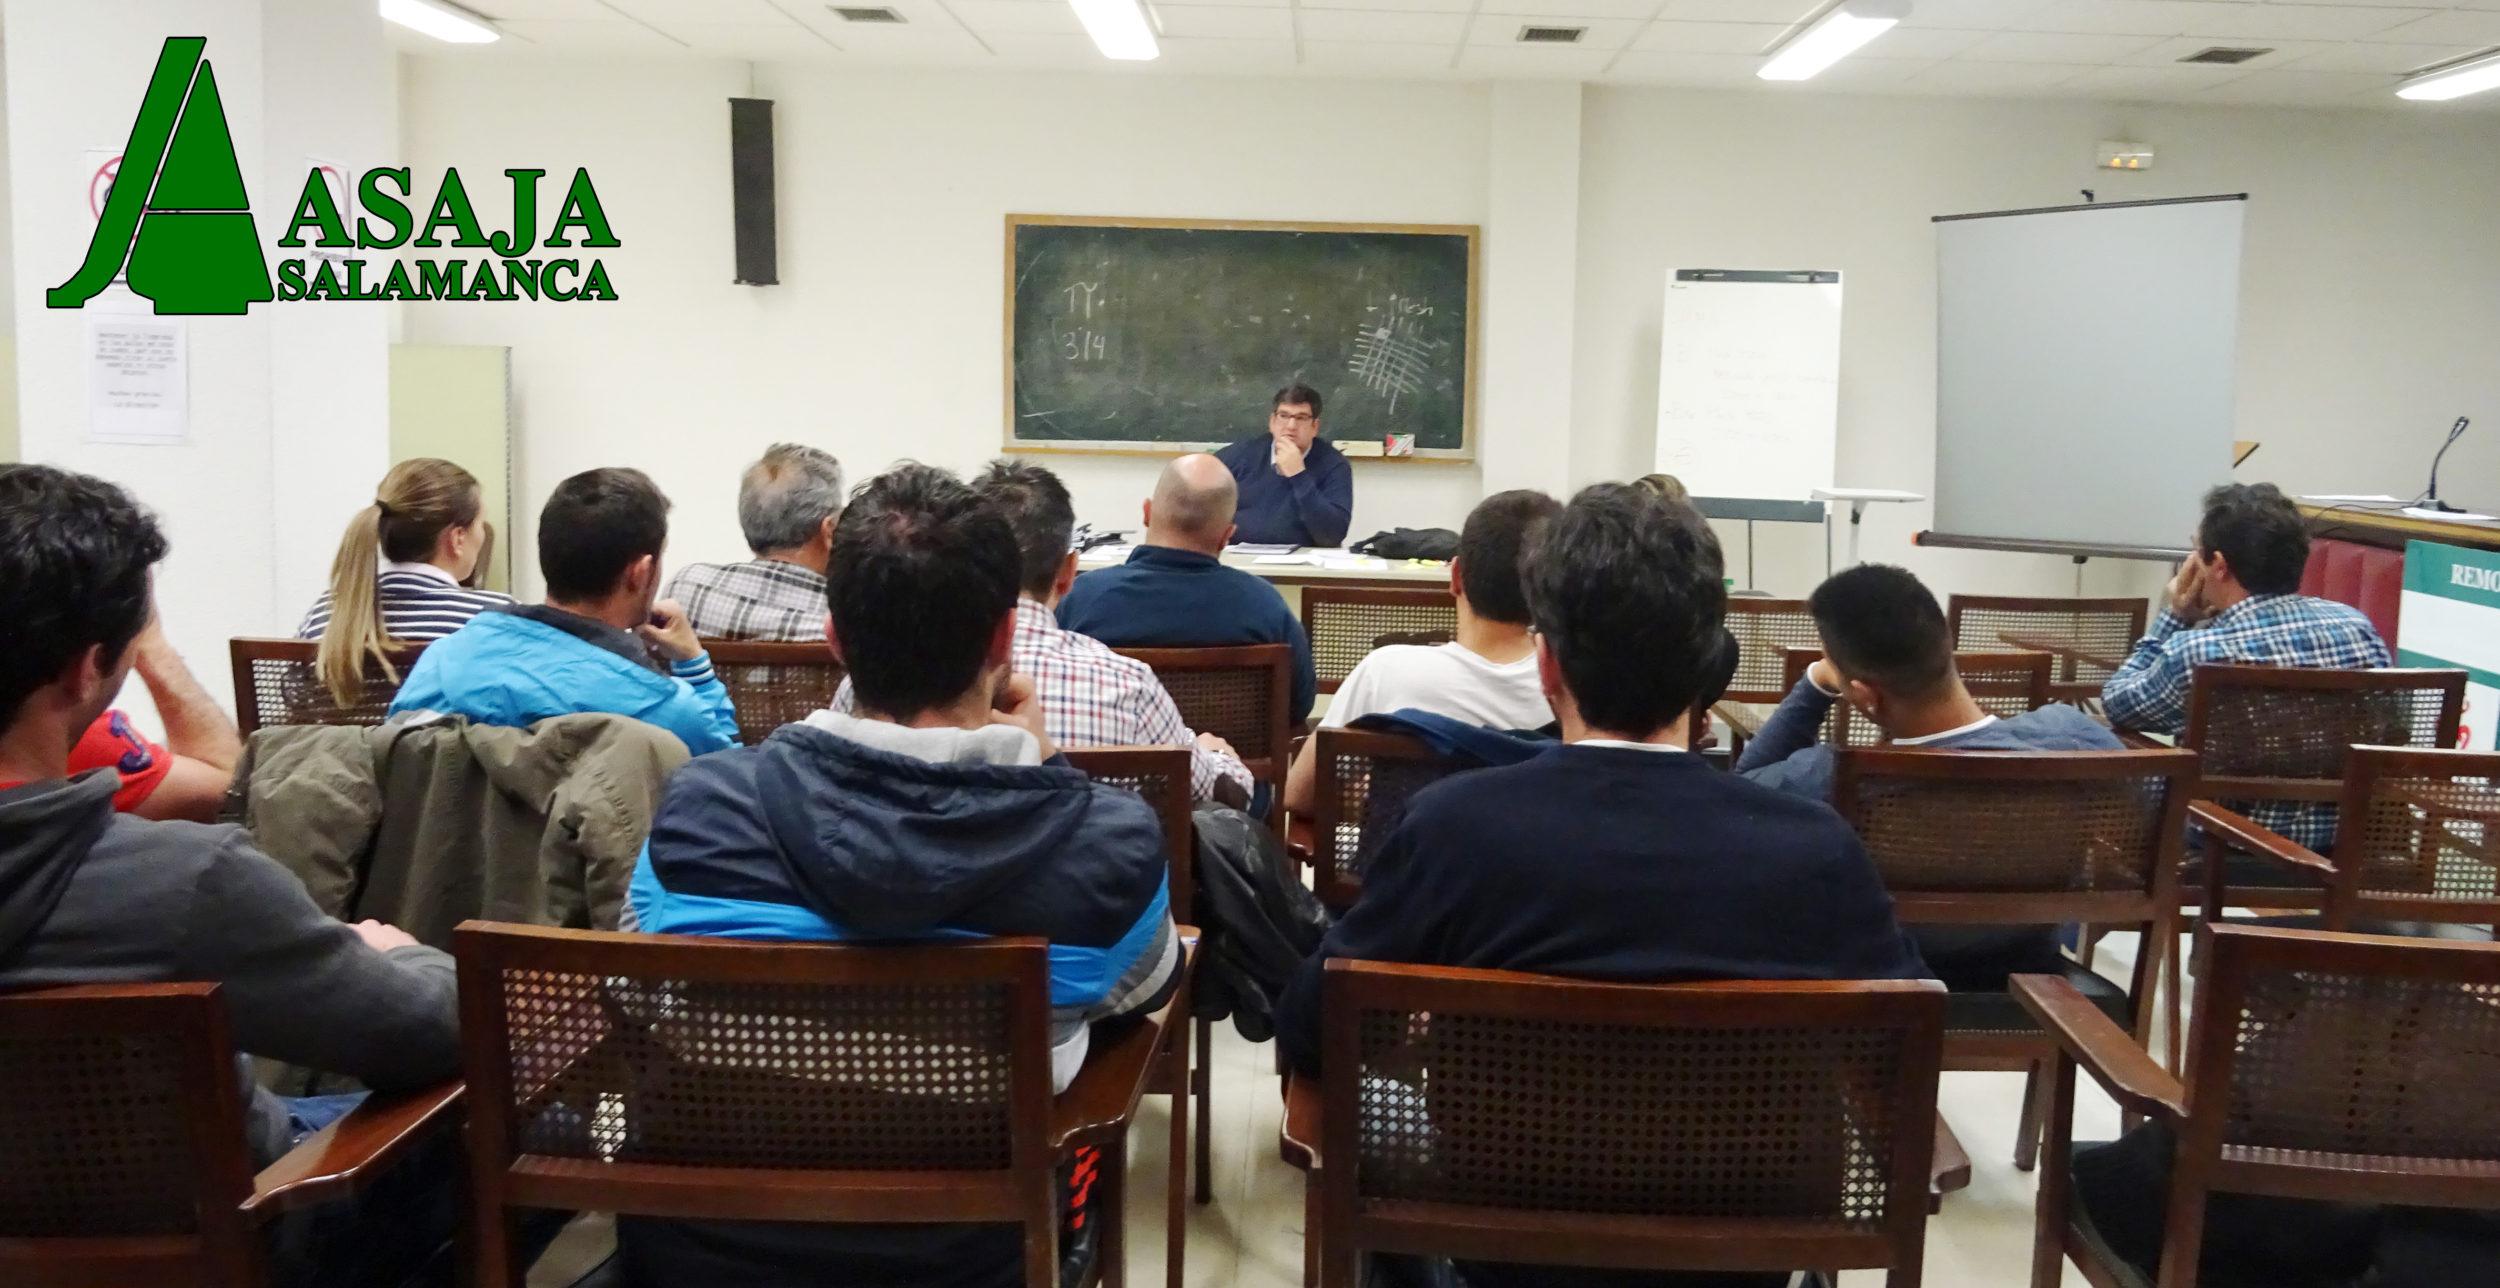 Uno de los cursos impartidos por ASAJA Salamanca. Foto: ASAJA Salamanca